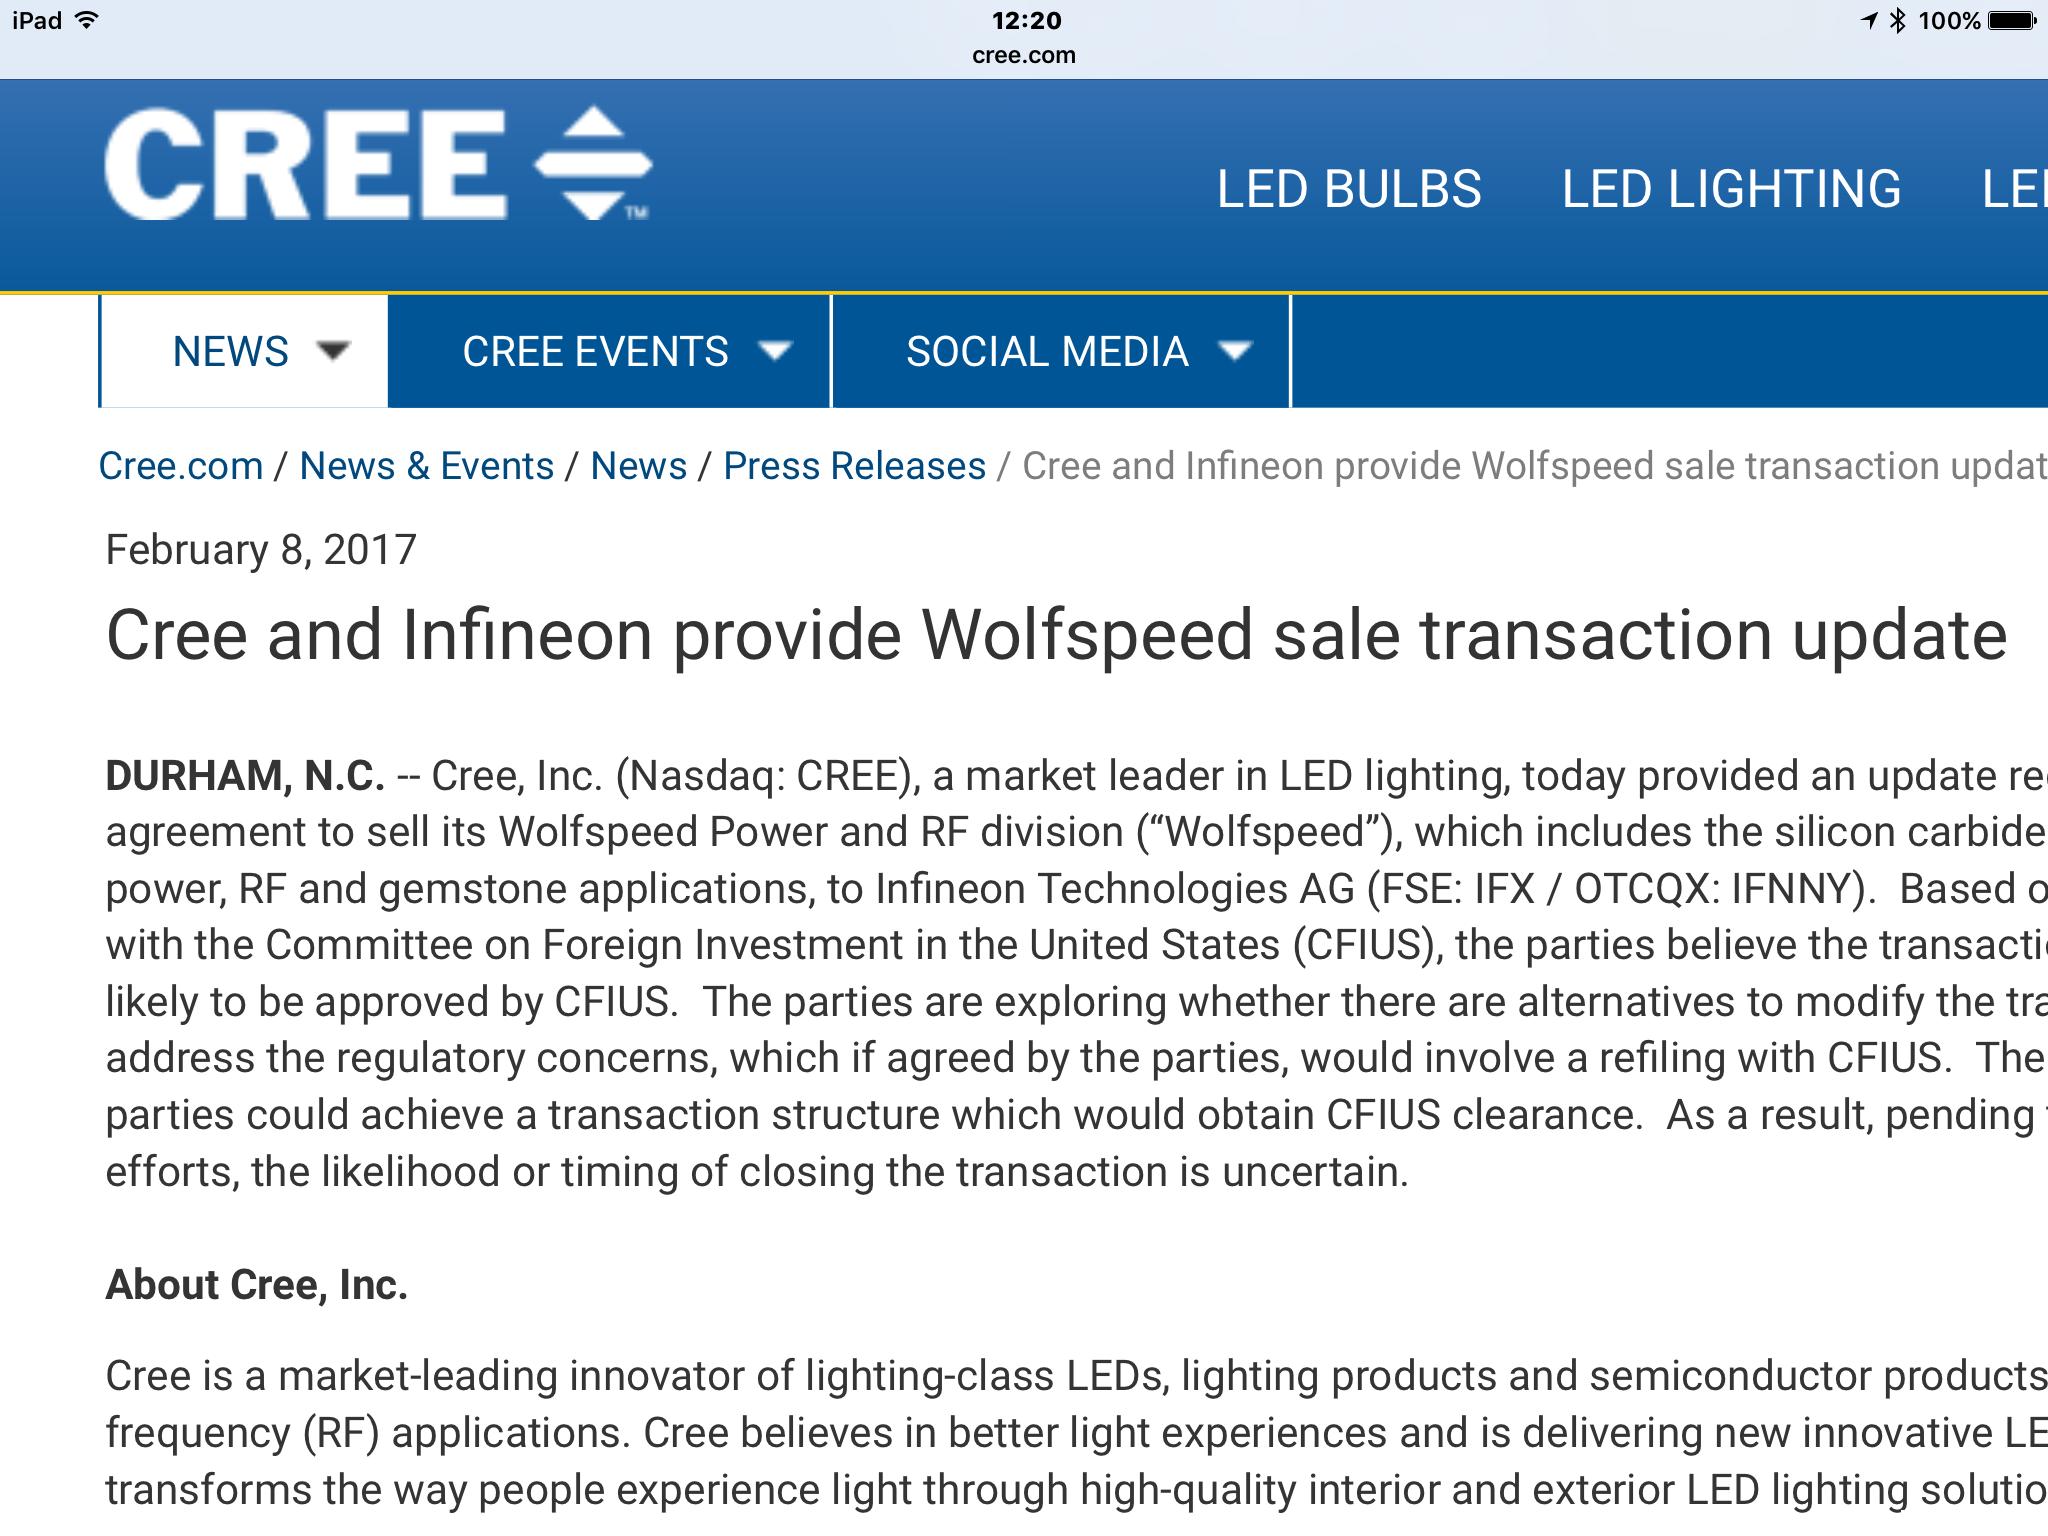 英飞凌收购Cree Wolfspeed功率与射频部门遇阻